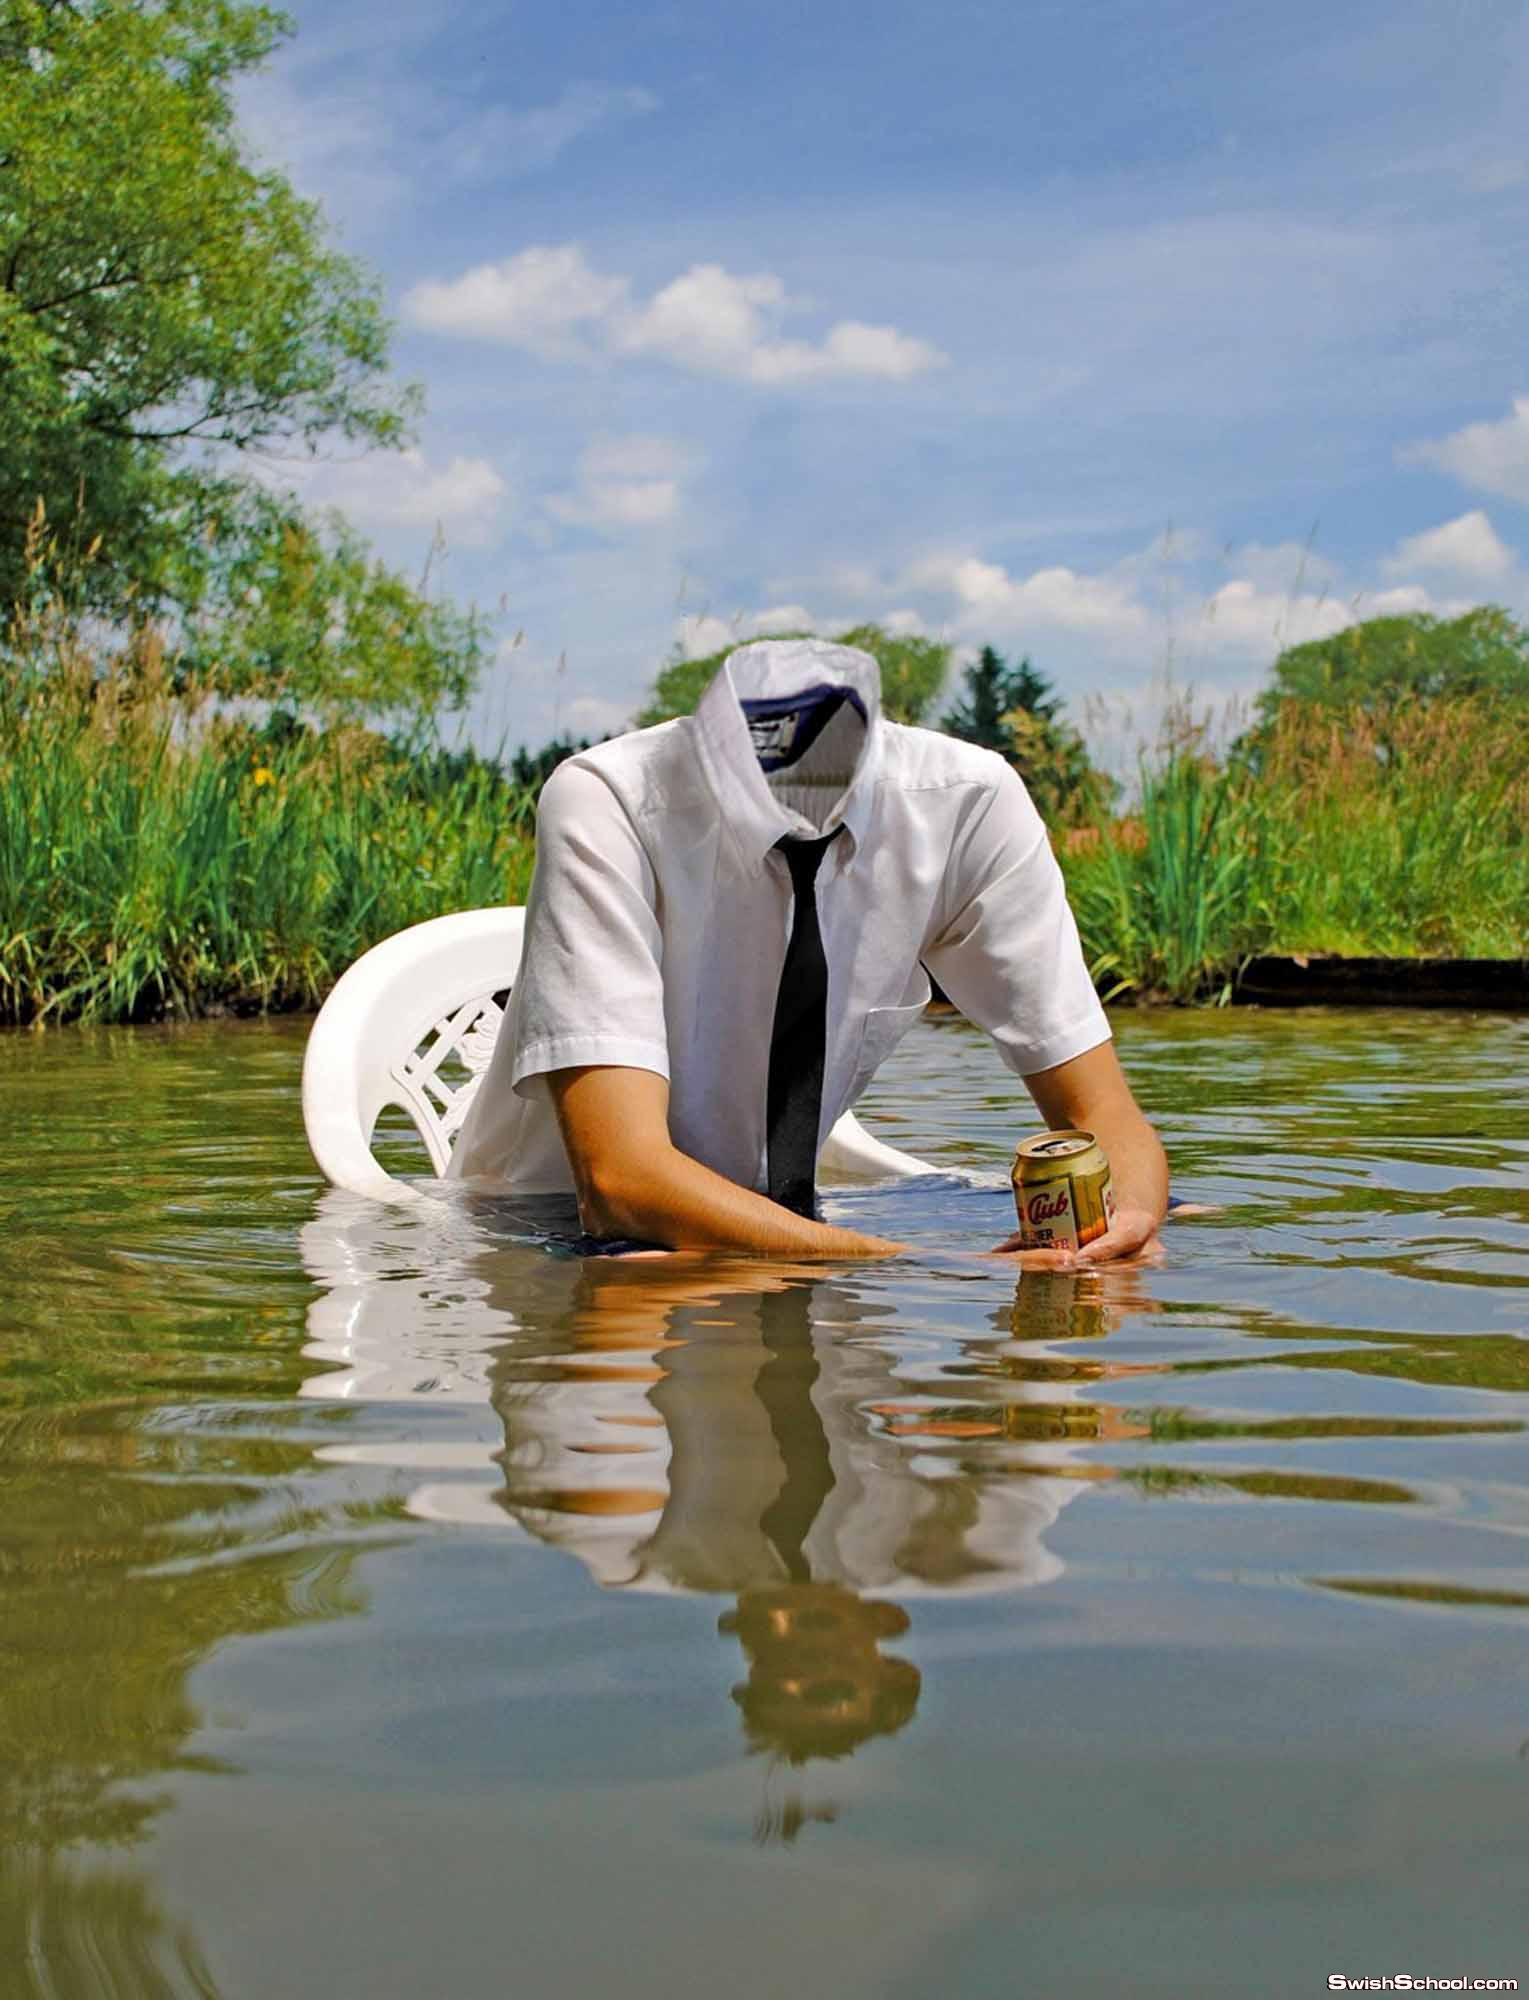 قالب لراجل يجلس فى الماء رهيب جدا